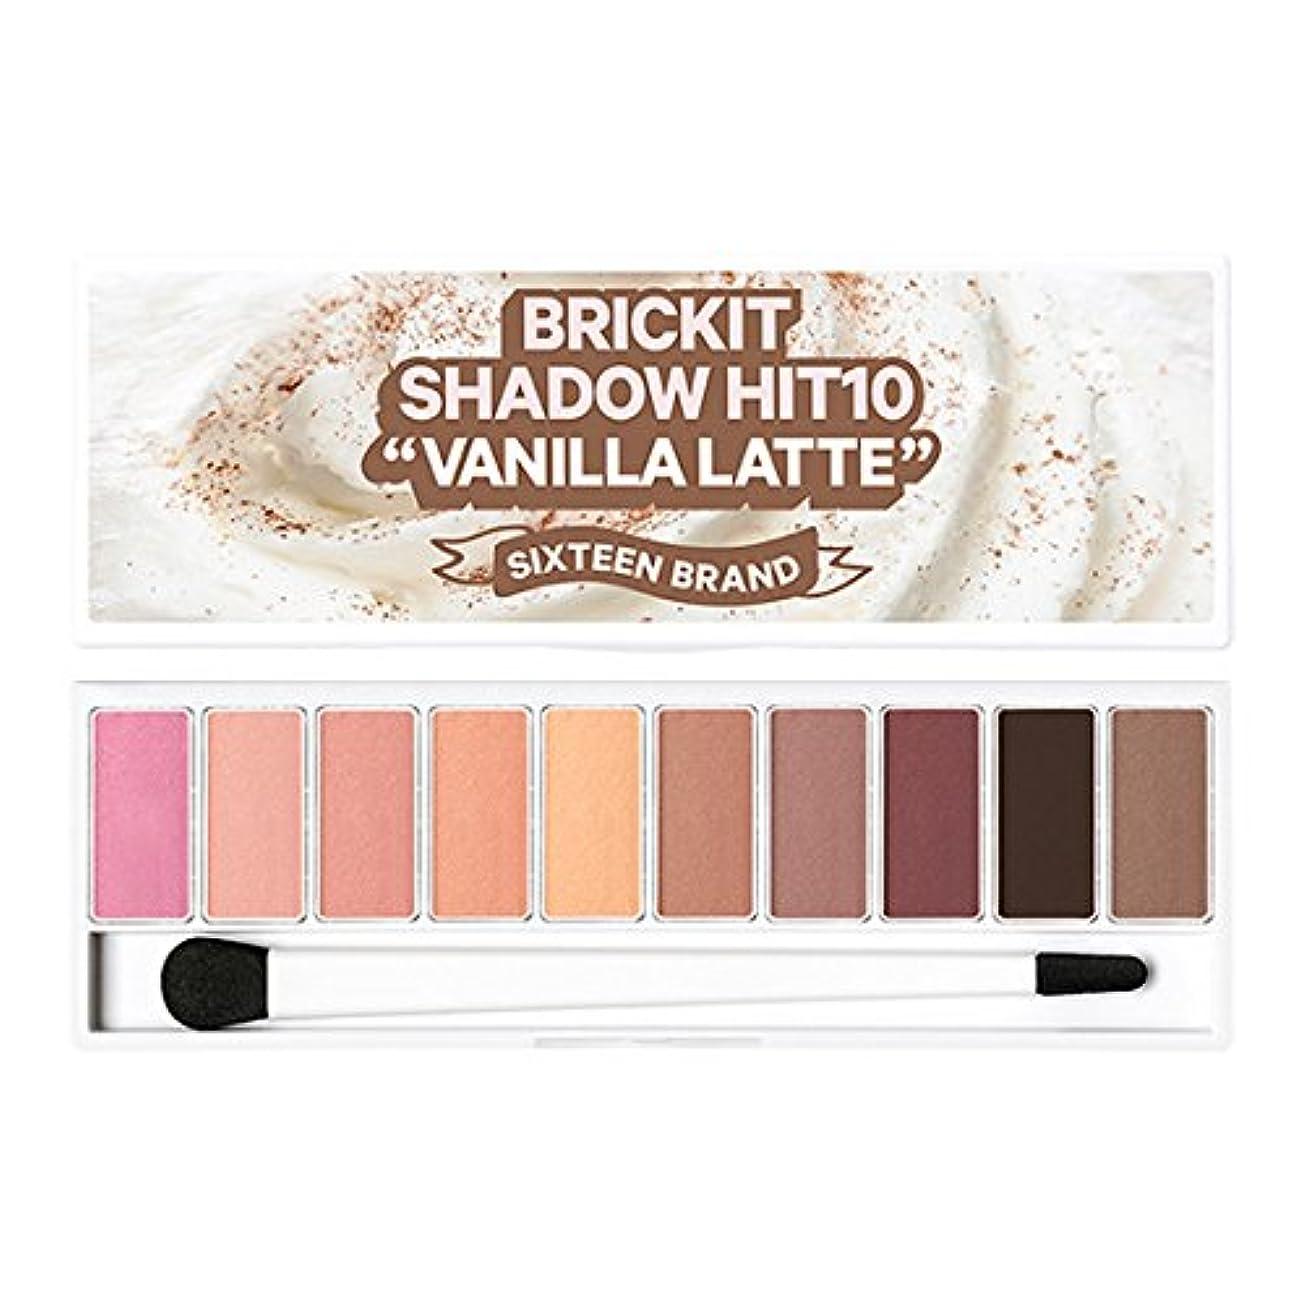 ベアリングサークル薬理学剥ぎ取る16brand Sixteen Brickit Shadow Hit 10 Vanilla Latte 10g/16ブランド シックスティーン ブリックキット シャドウ ヒット 10 バニララテ 10g [並行輸入品]